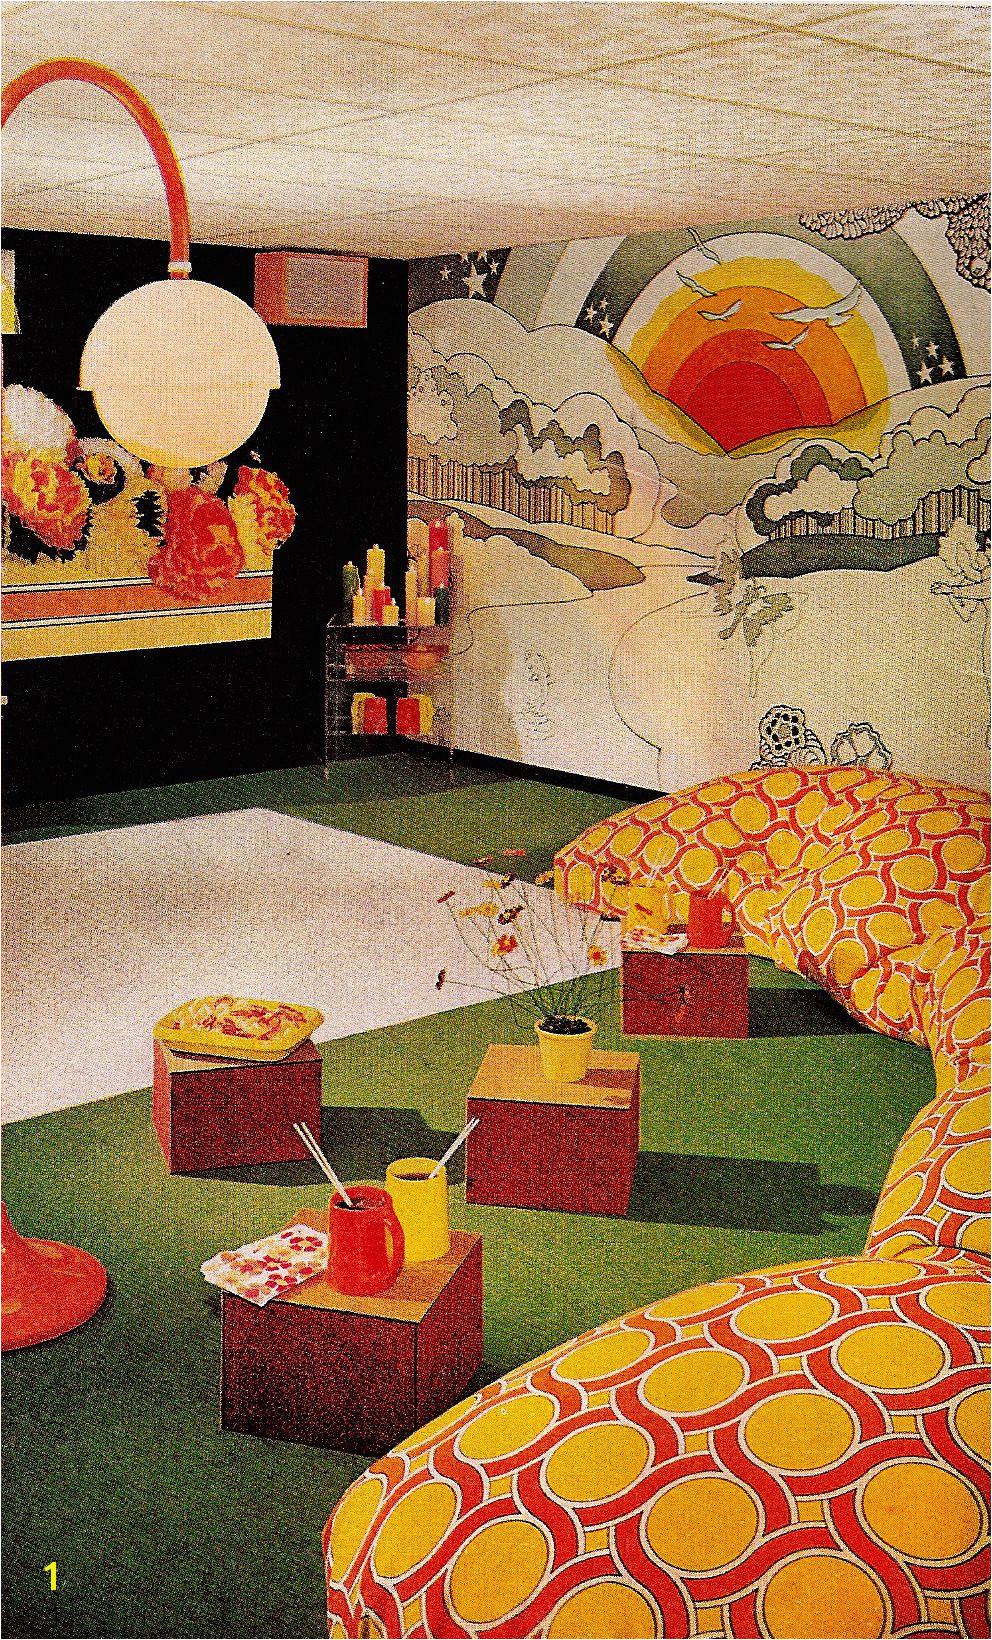 Mid Century Wall Mural Groovy Rumpus Room Mid Century Marvelous Pinterest